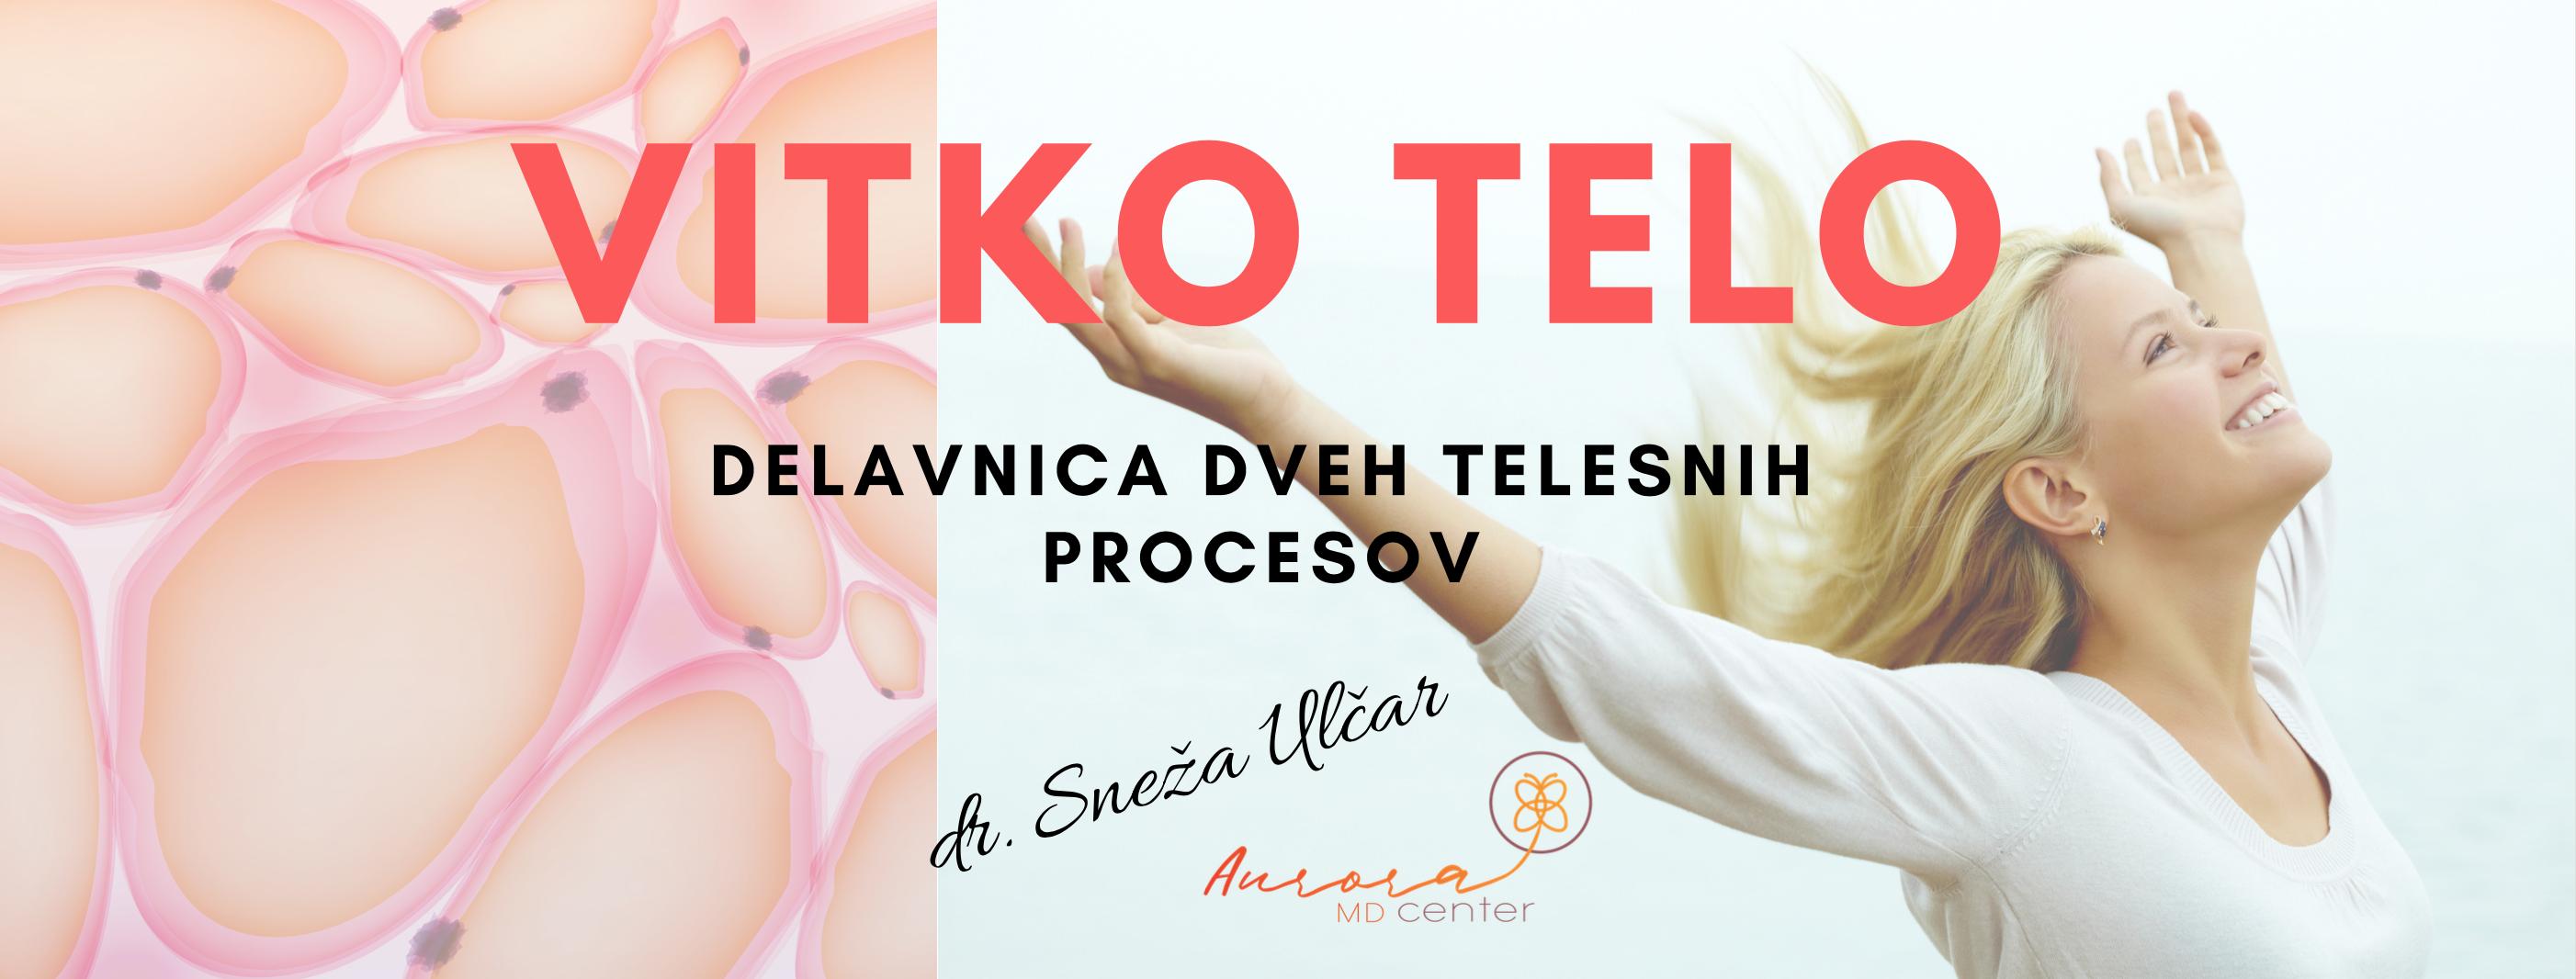 Delavnica VITKO TELO s Snežo Ulčar, 23.6.2019, 16:00-20:00